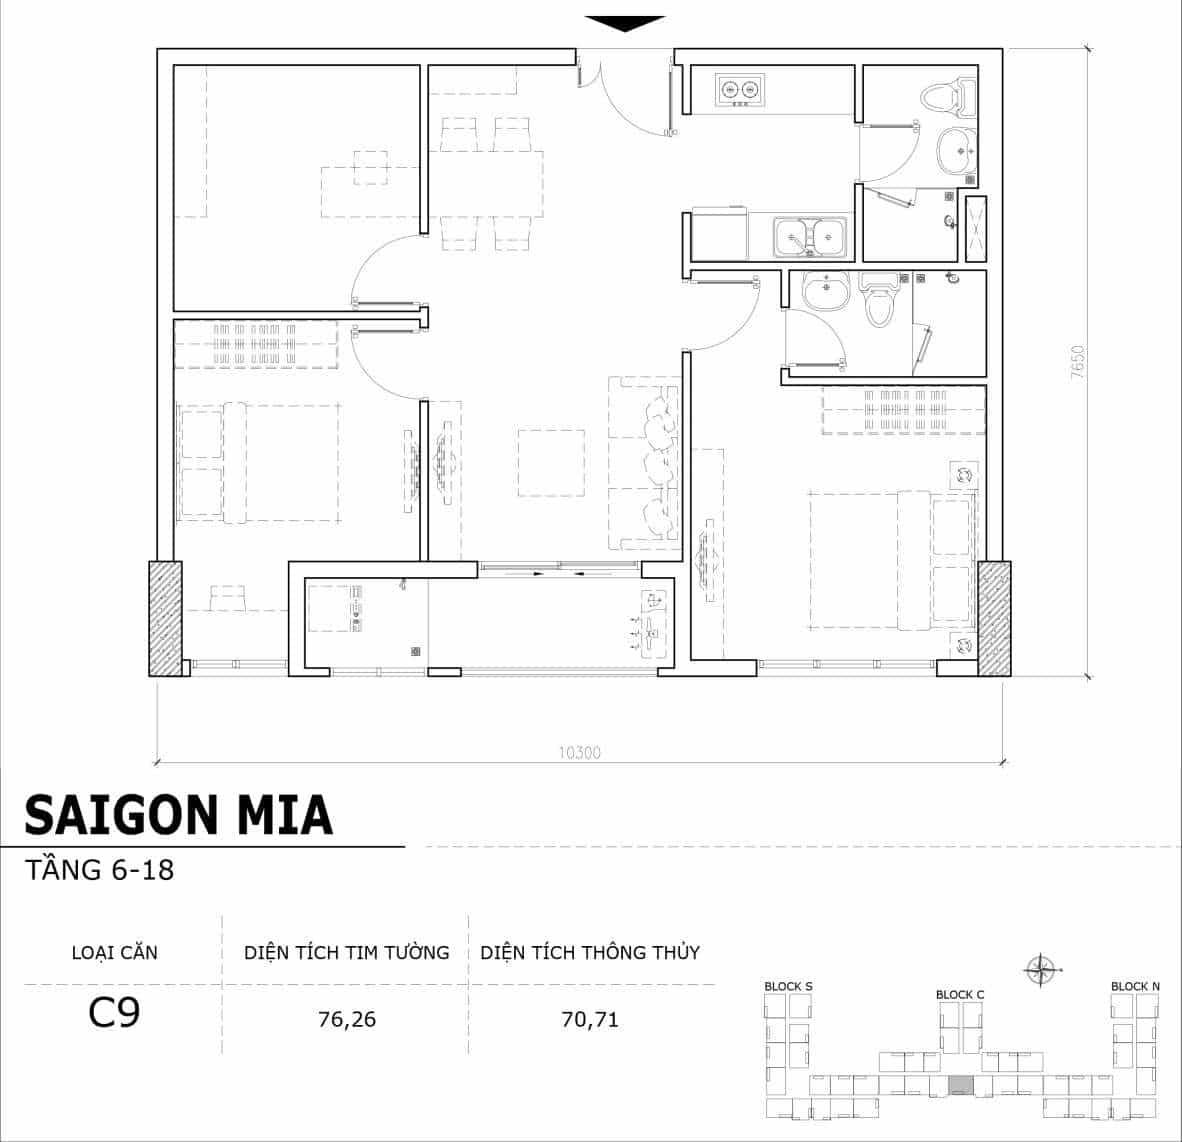 Chi tiết thiết kế căn hộ điển hình tầng 6-18 dự án Sài Gòn Mia - Căn C9